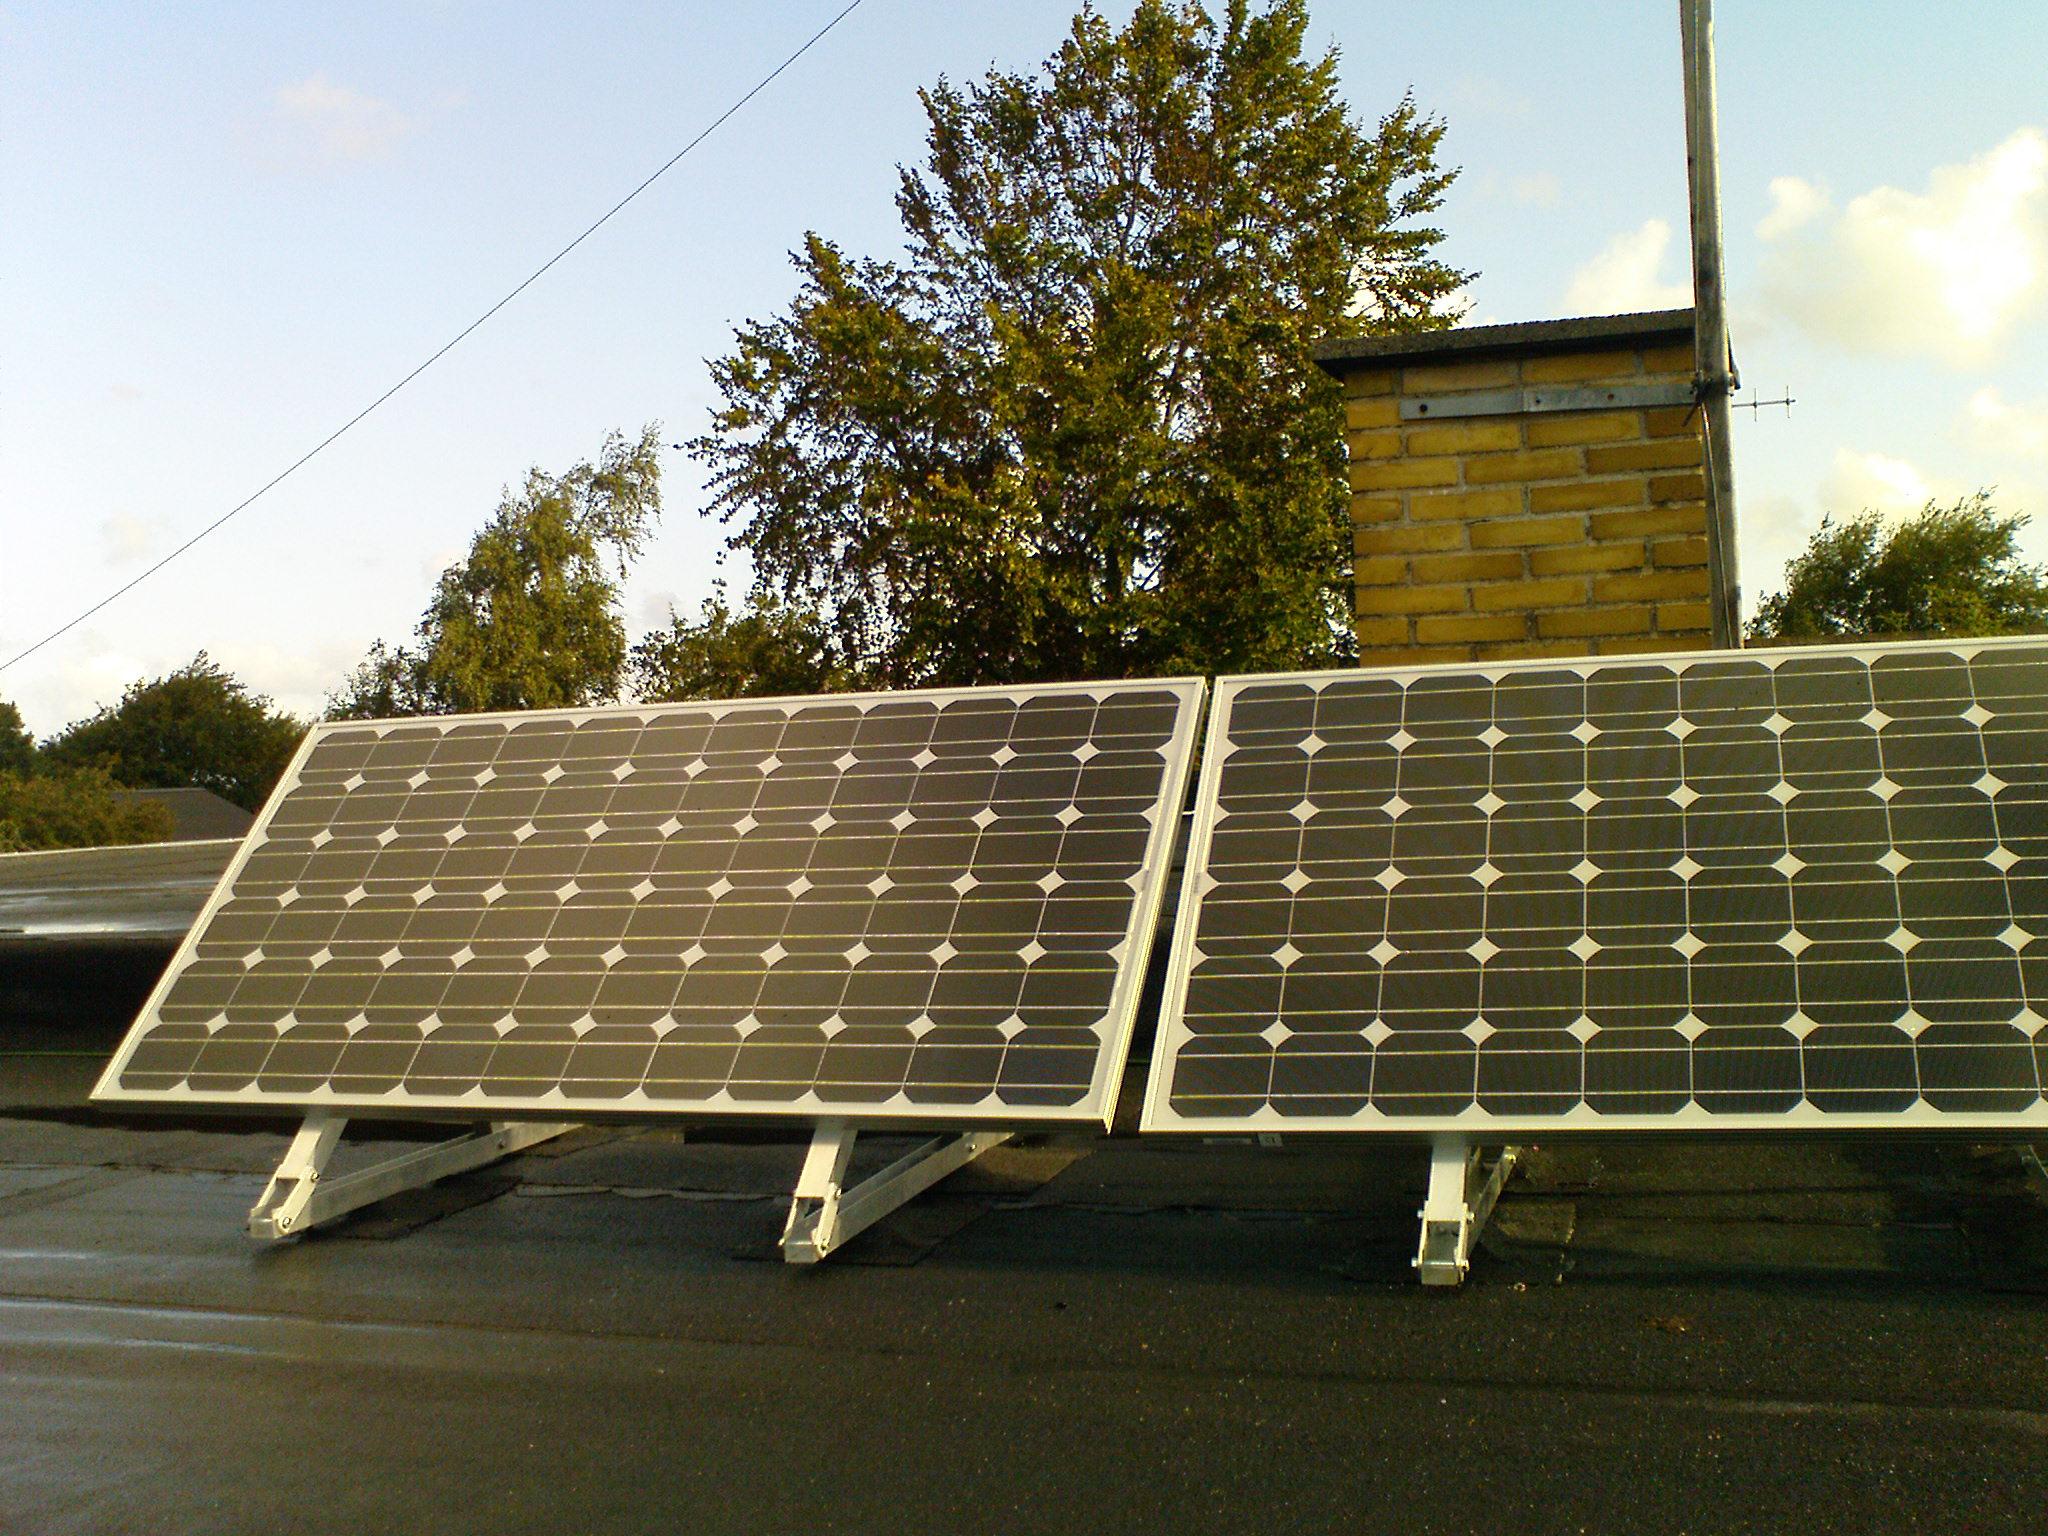 Billige solcelleanlæg op til 300W med eller uden batteri til kolonihavehus, sommerhus, hytte